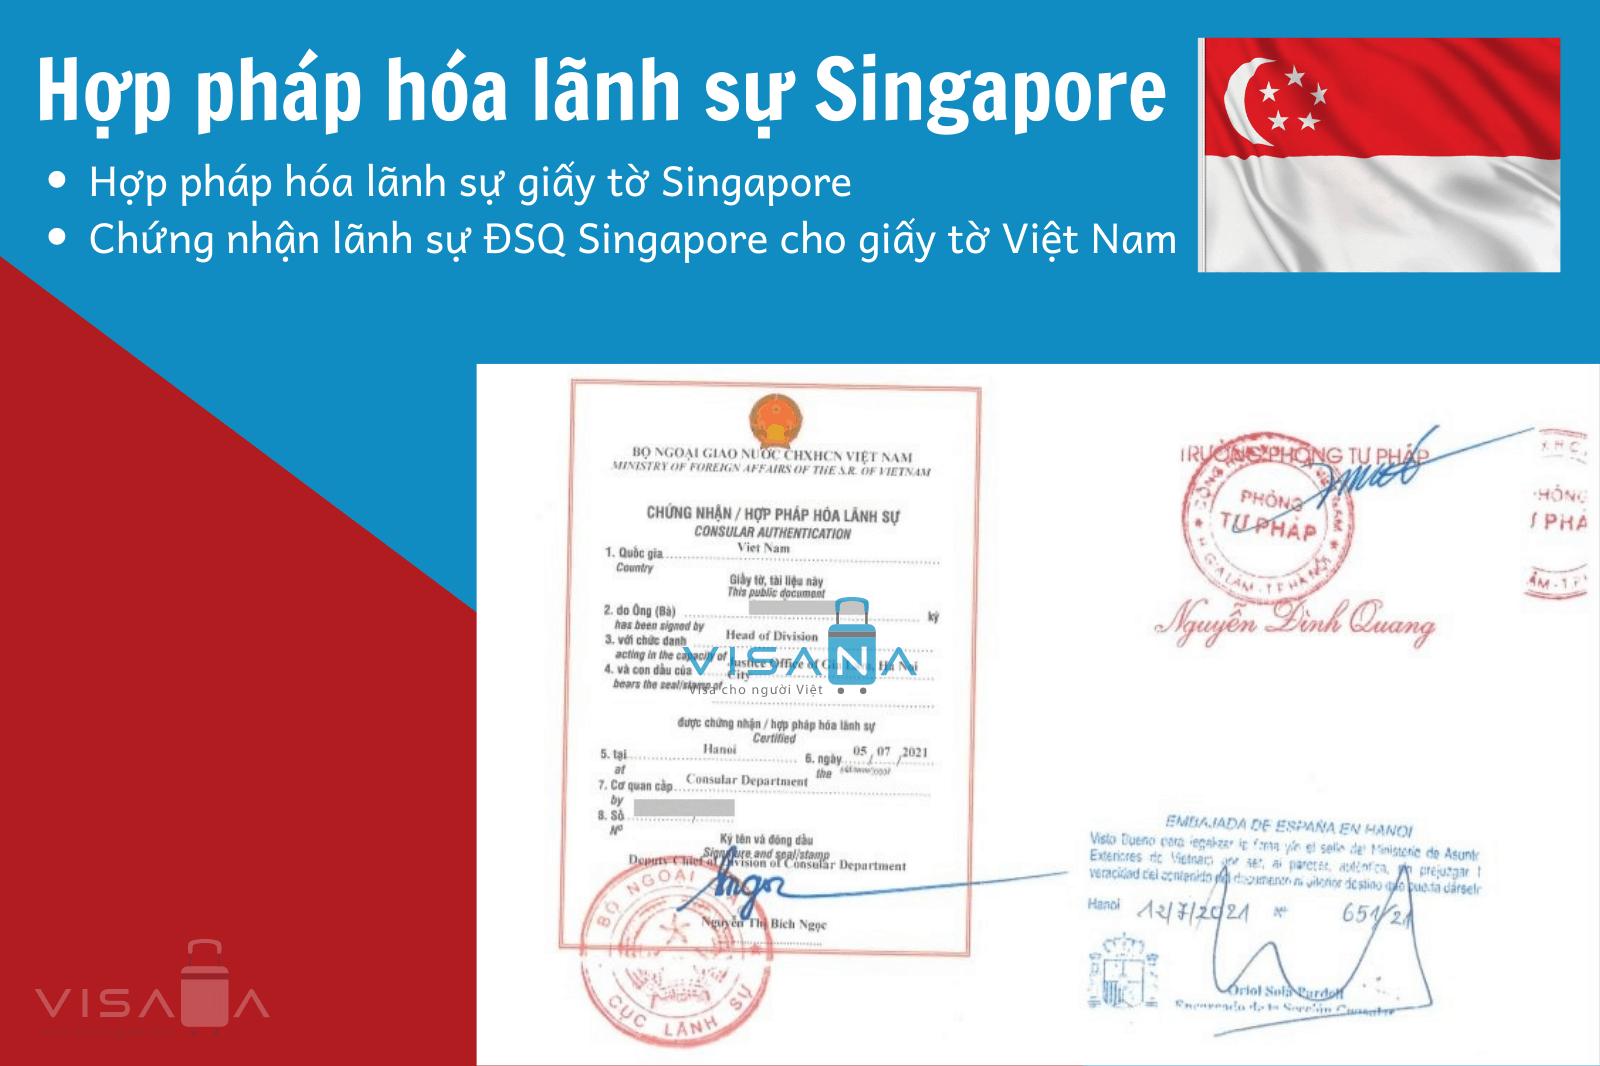 Hợp pháp hóa lãnh sự Singapore